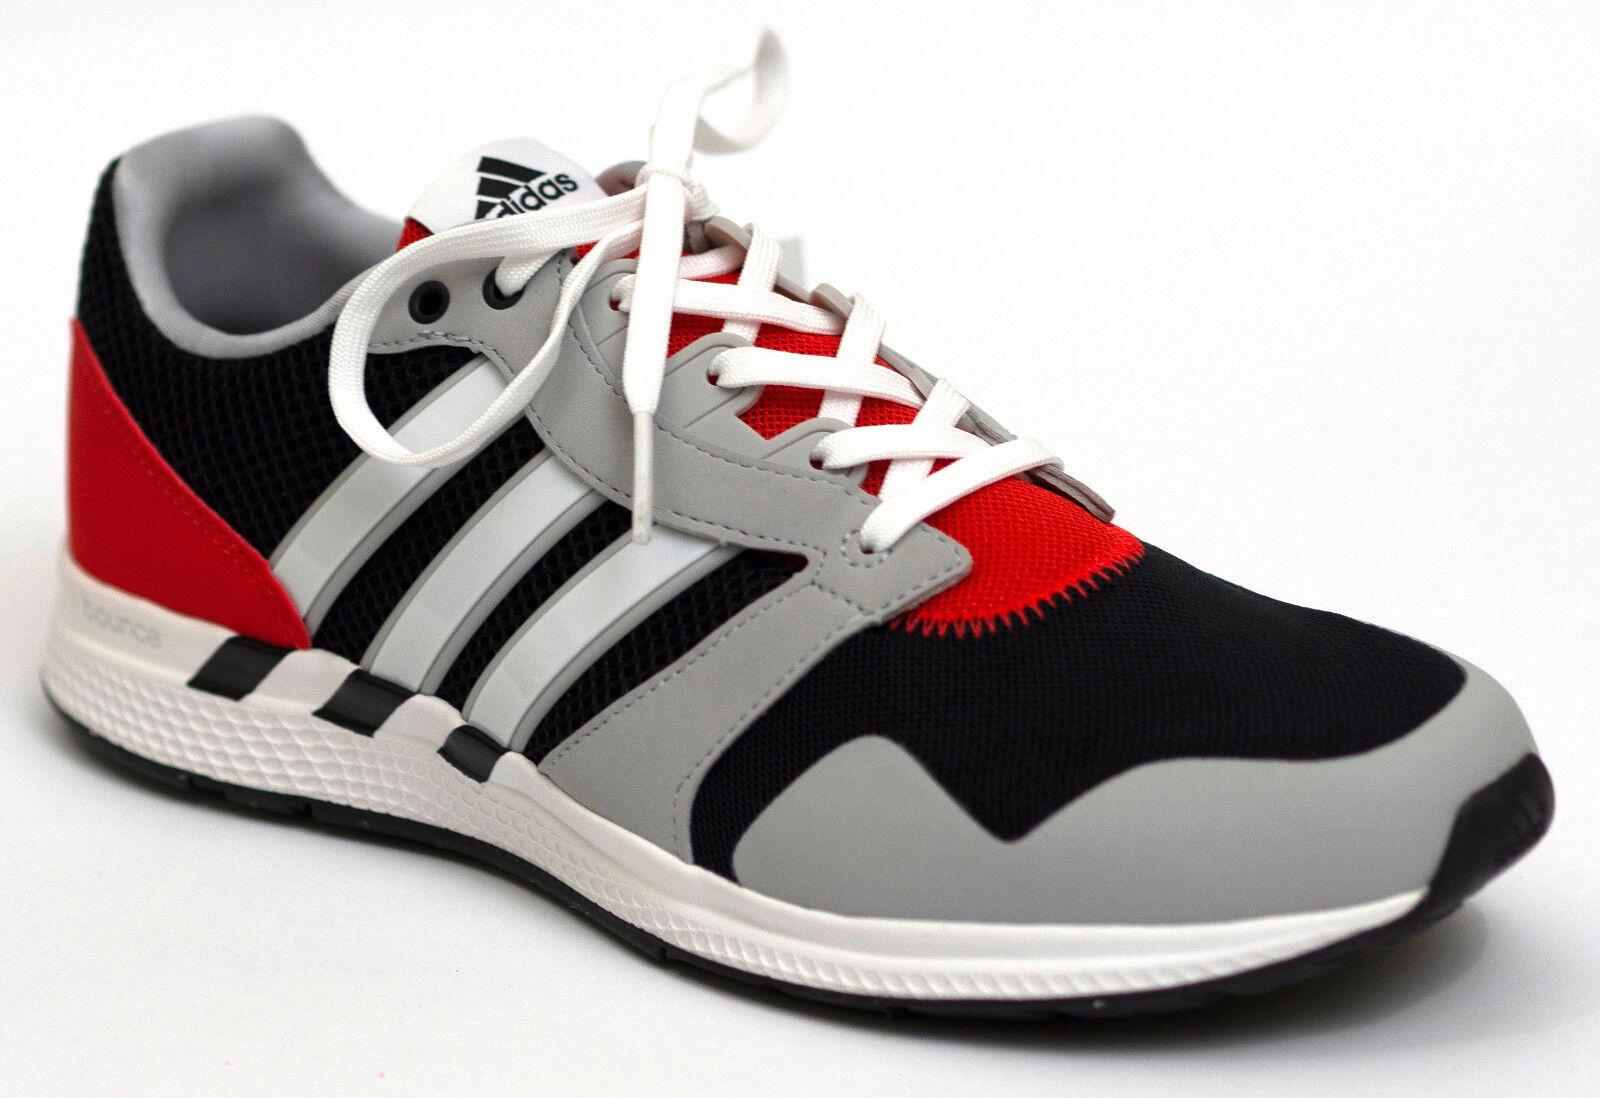 Adidas equipment 16 m Bounce 44 rojo al Sr. running Zapatillas negro rojo 44 zapatillas de deporte nuevo ba59e2